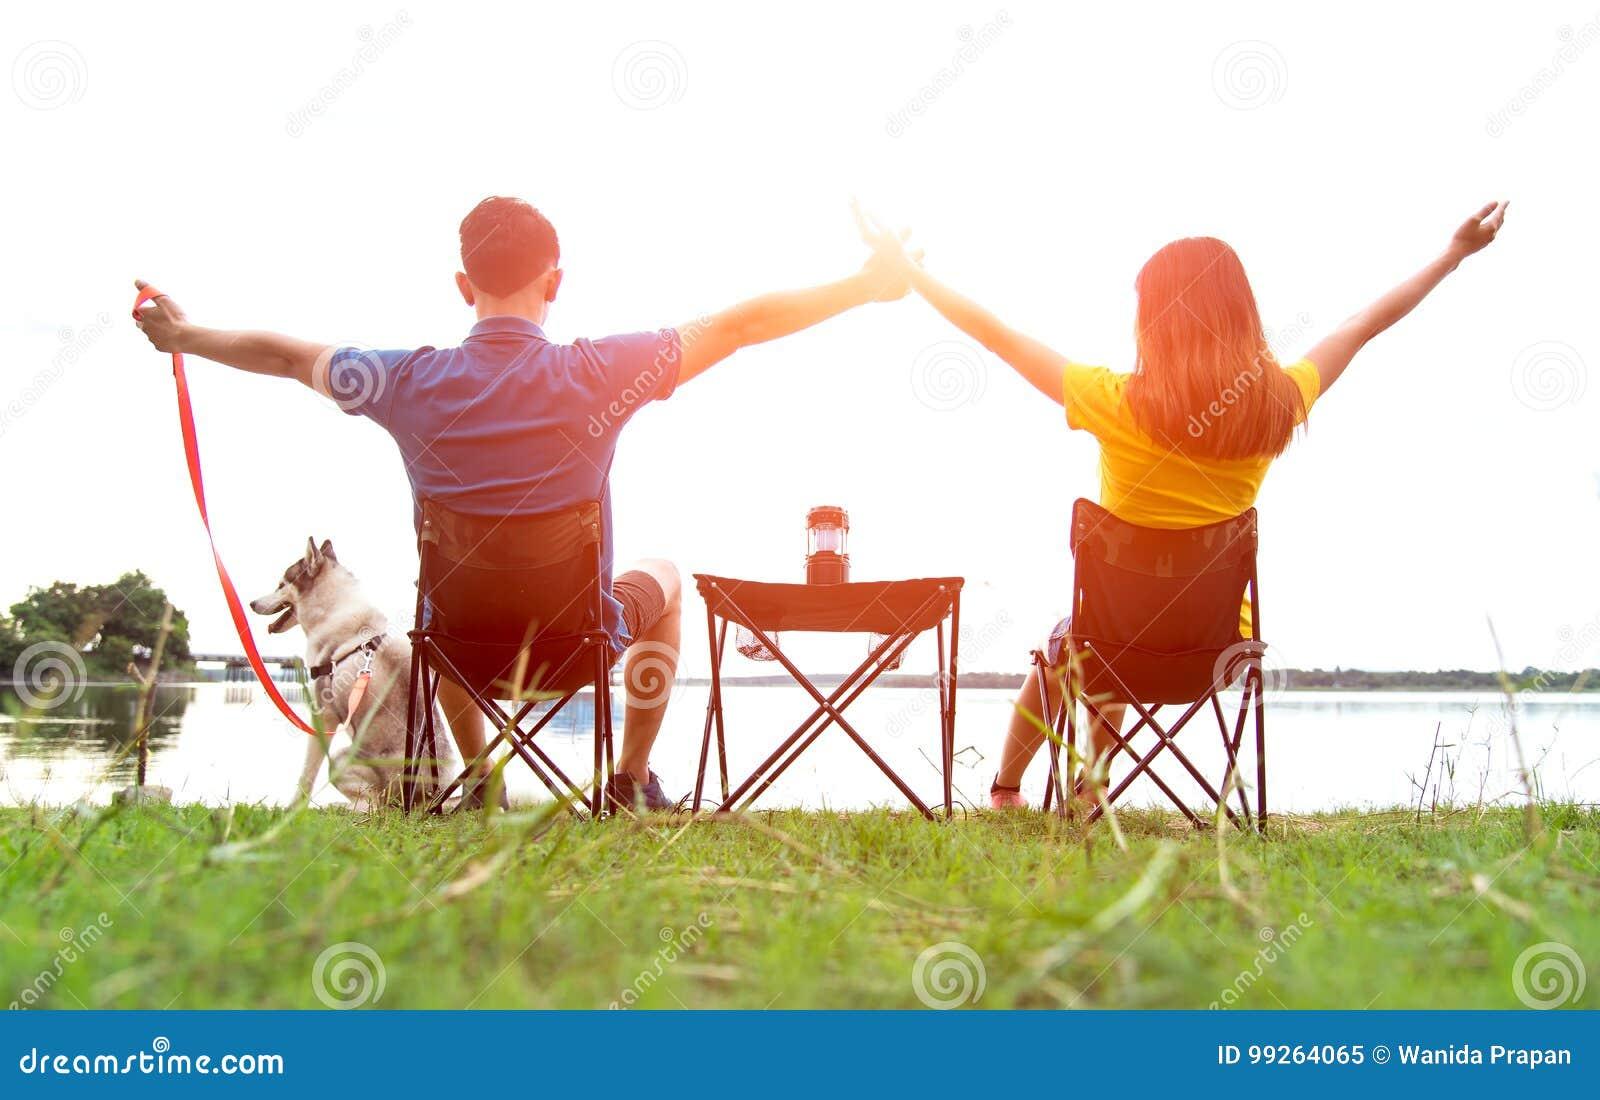 Acople o assento em acampamento ardente com seu cão de estimação perto do rio no por do sol, assim que aprecie e dia ensolarado f